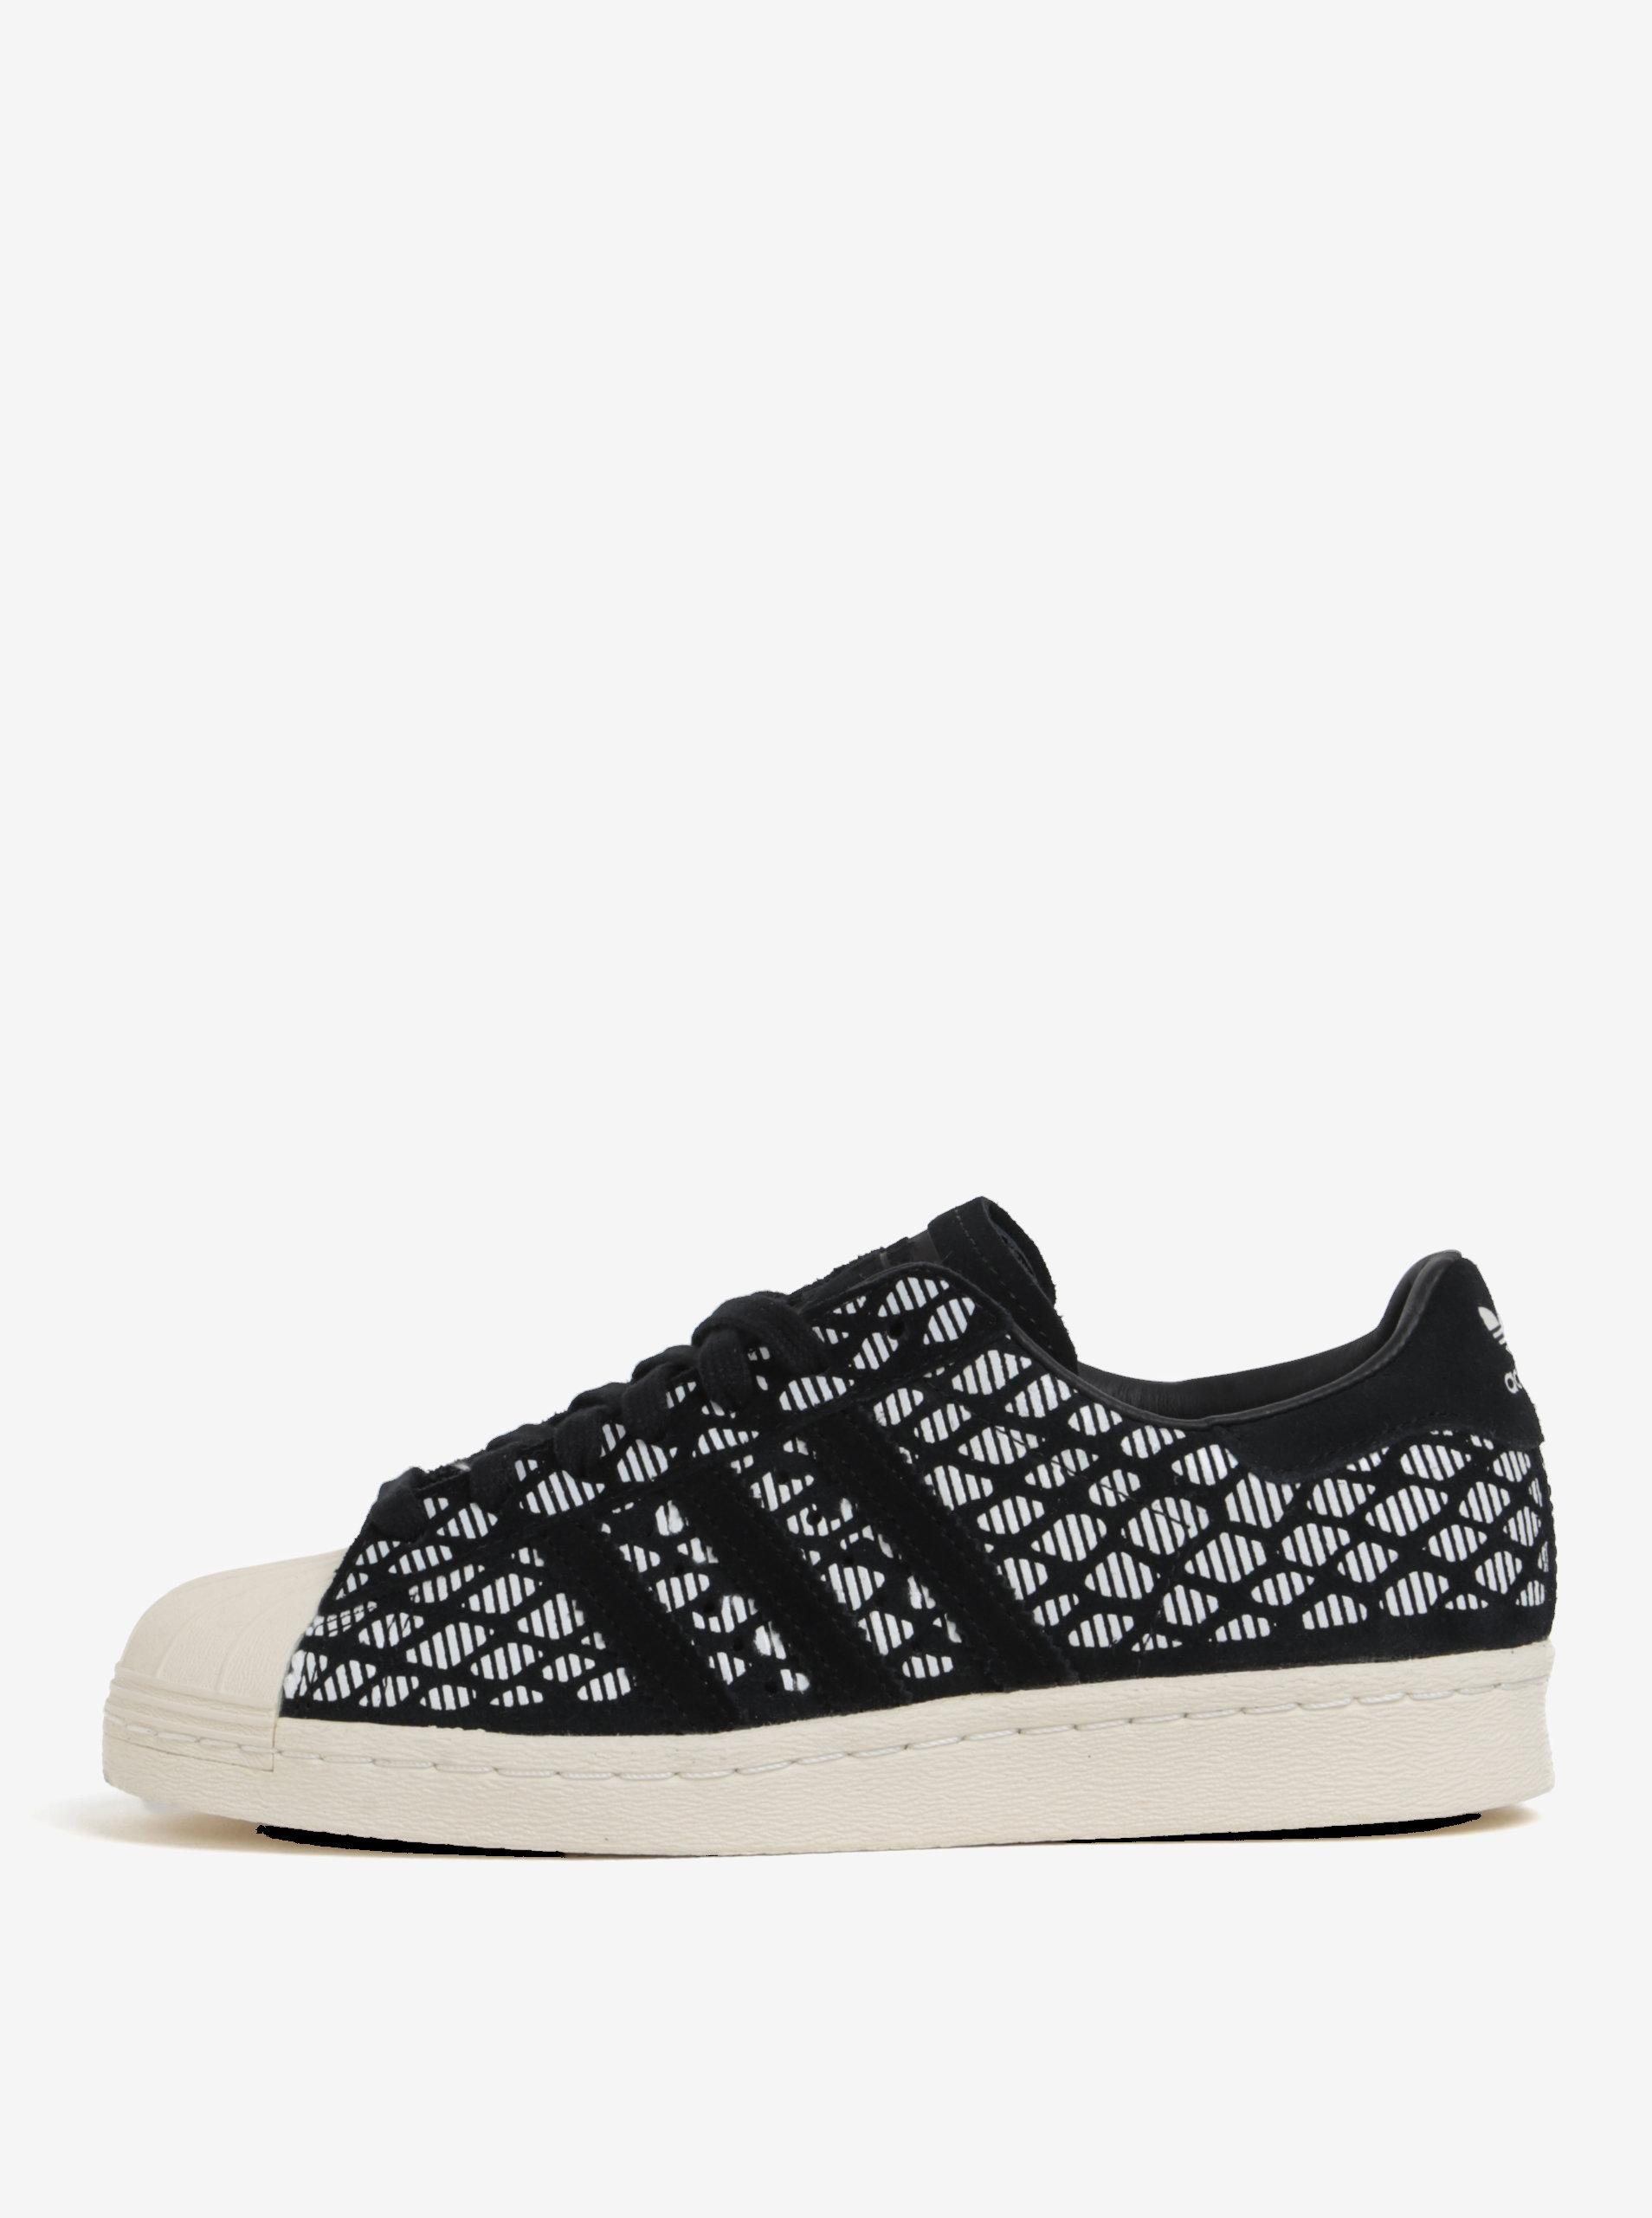 Bílo-černé dámské semišové tenisky adidas Originals Superstar ... 45120d6bcc